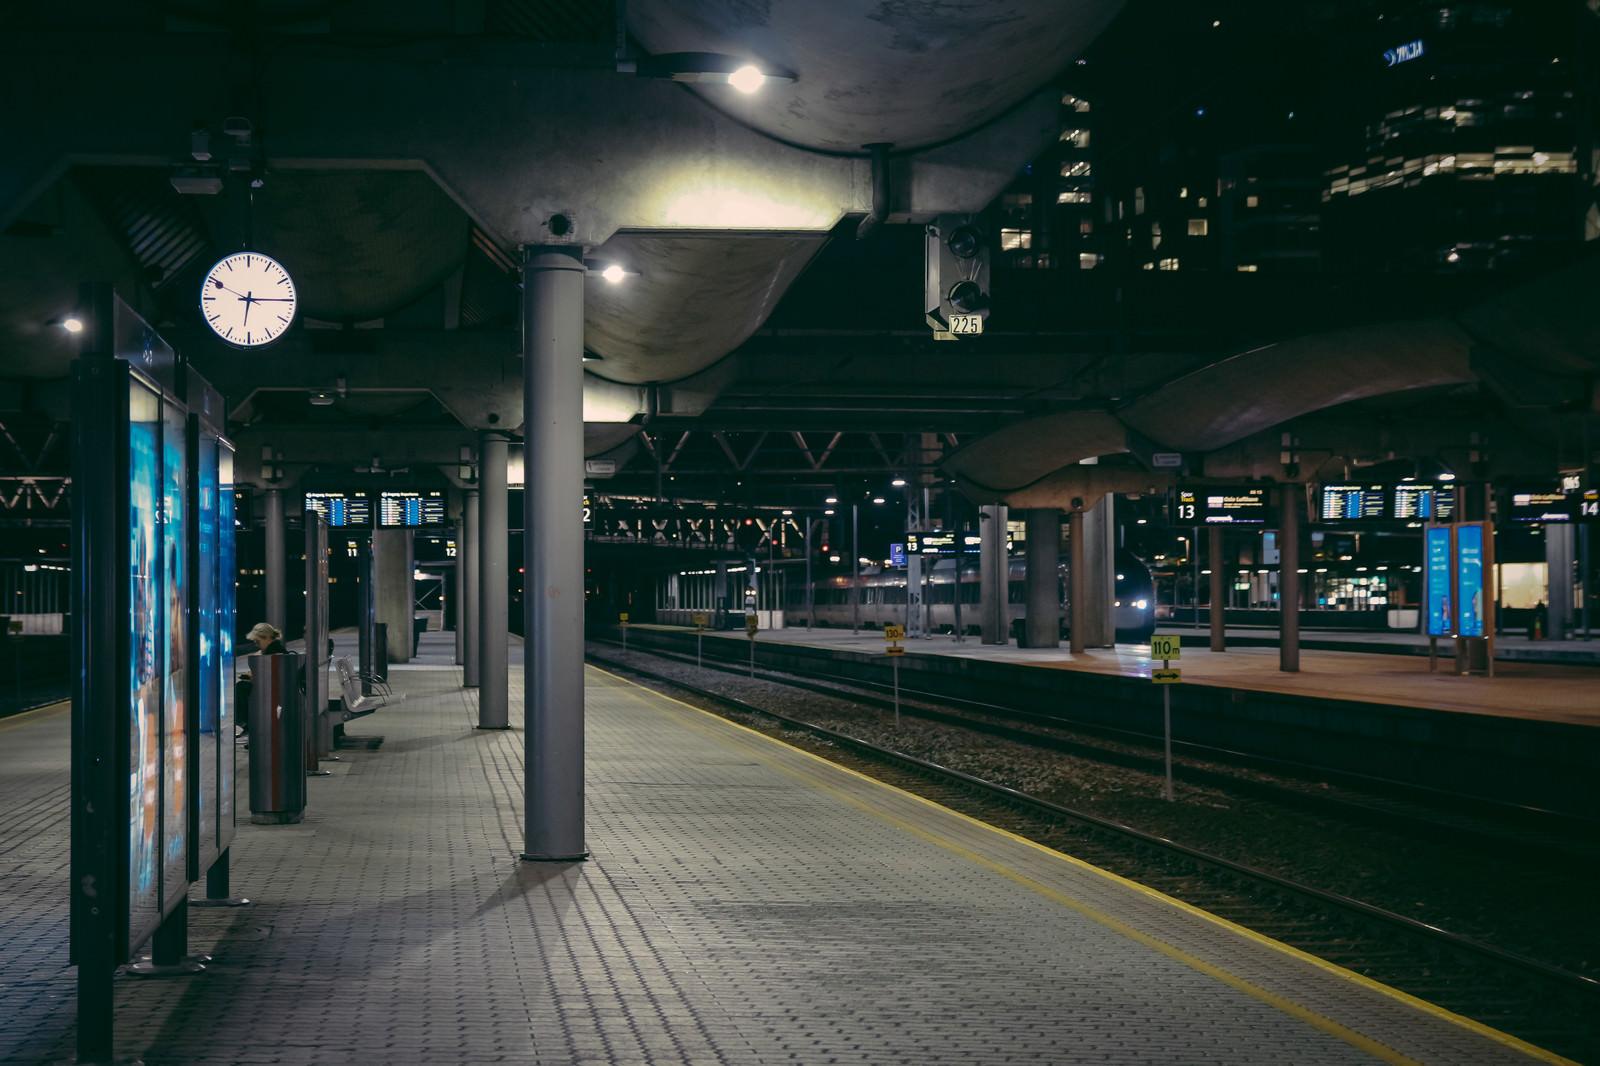 「オスロ中央駅のホーム」の写真